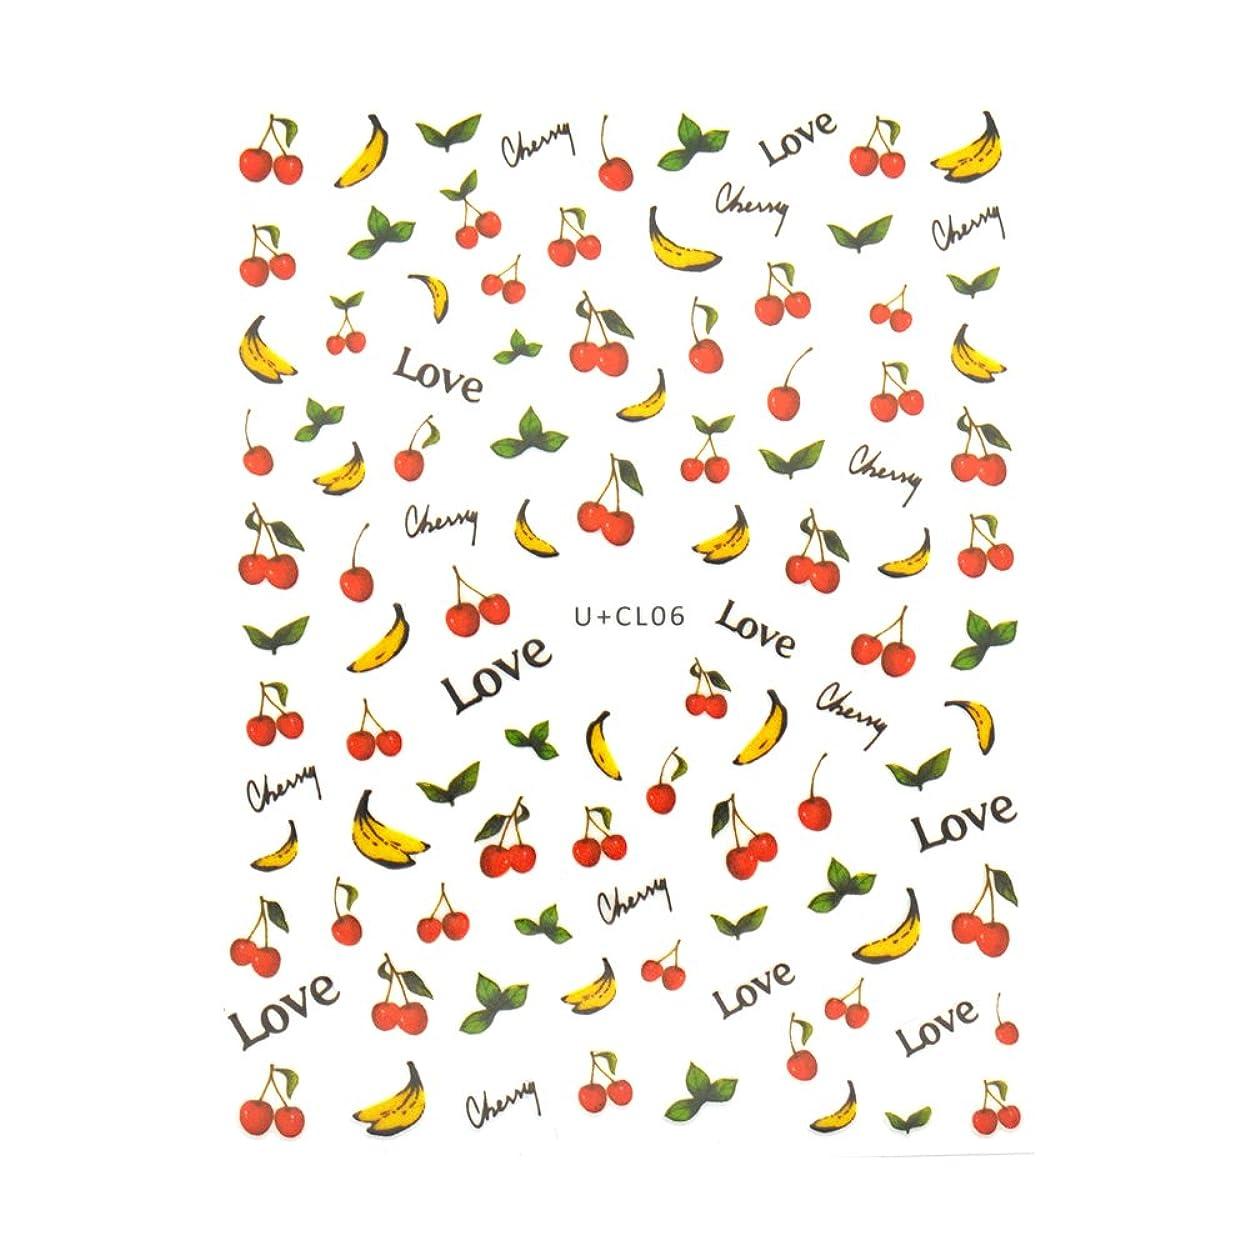 ボトル舗装おもしろい【U+CL06】 チェリーバナナネイルシール フルーツ さくらんぼ